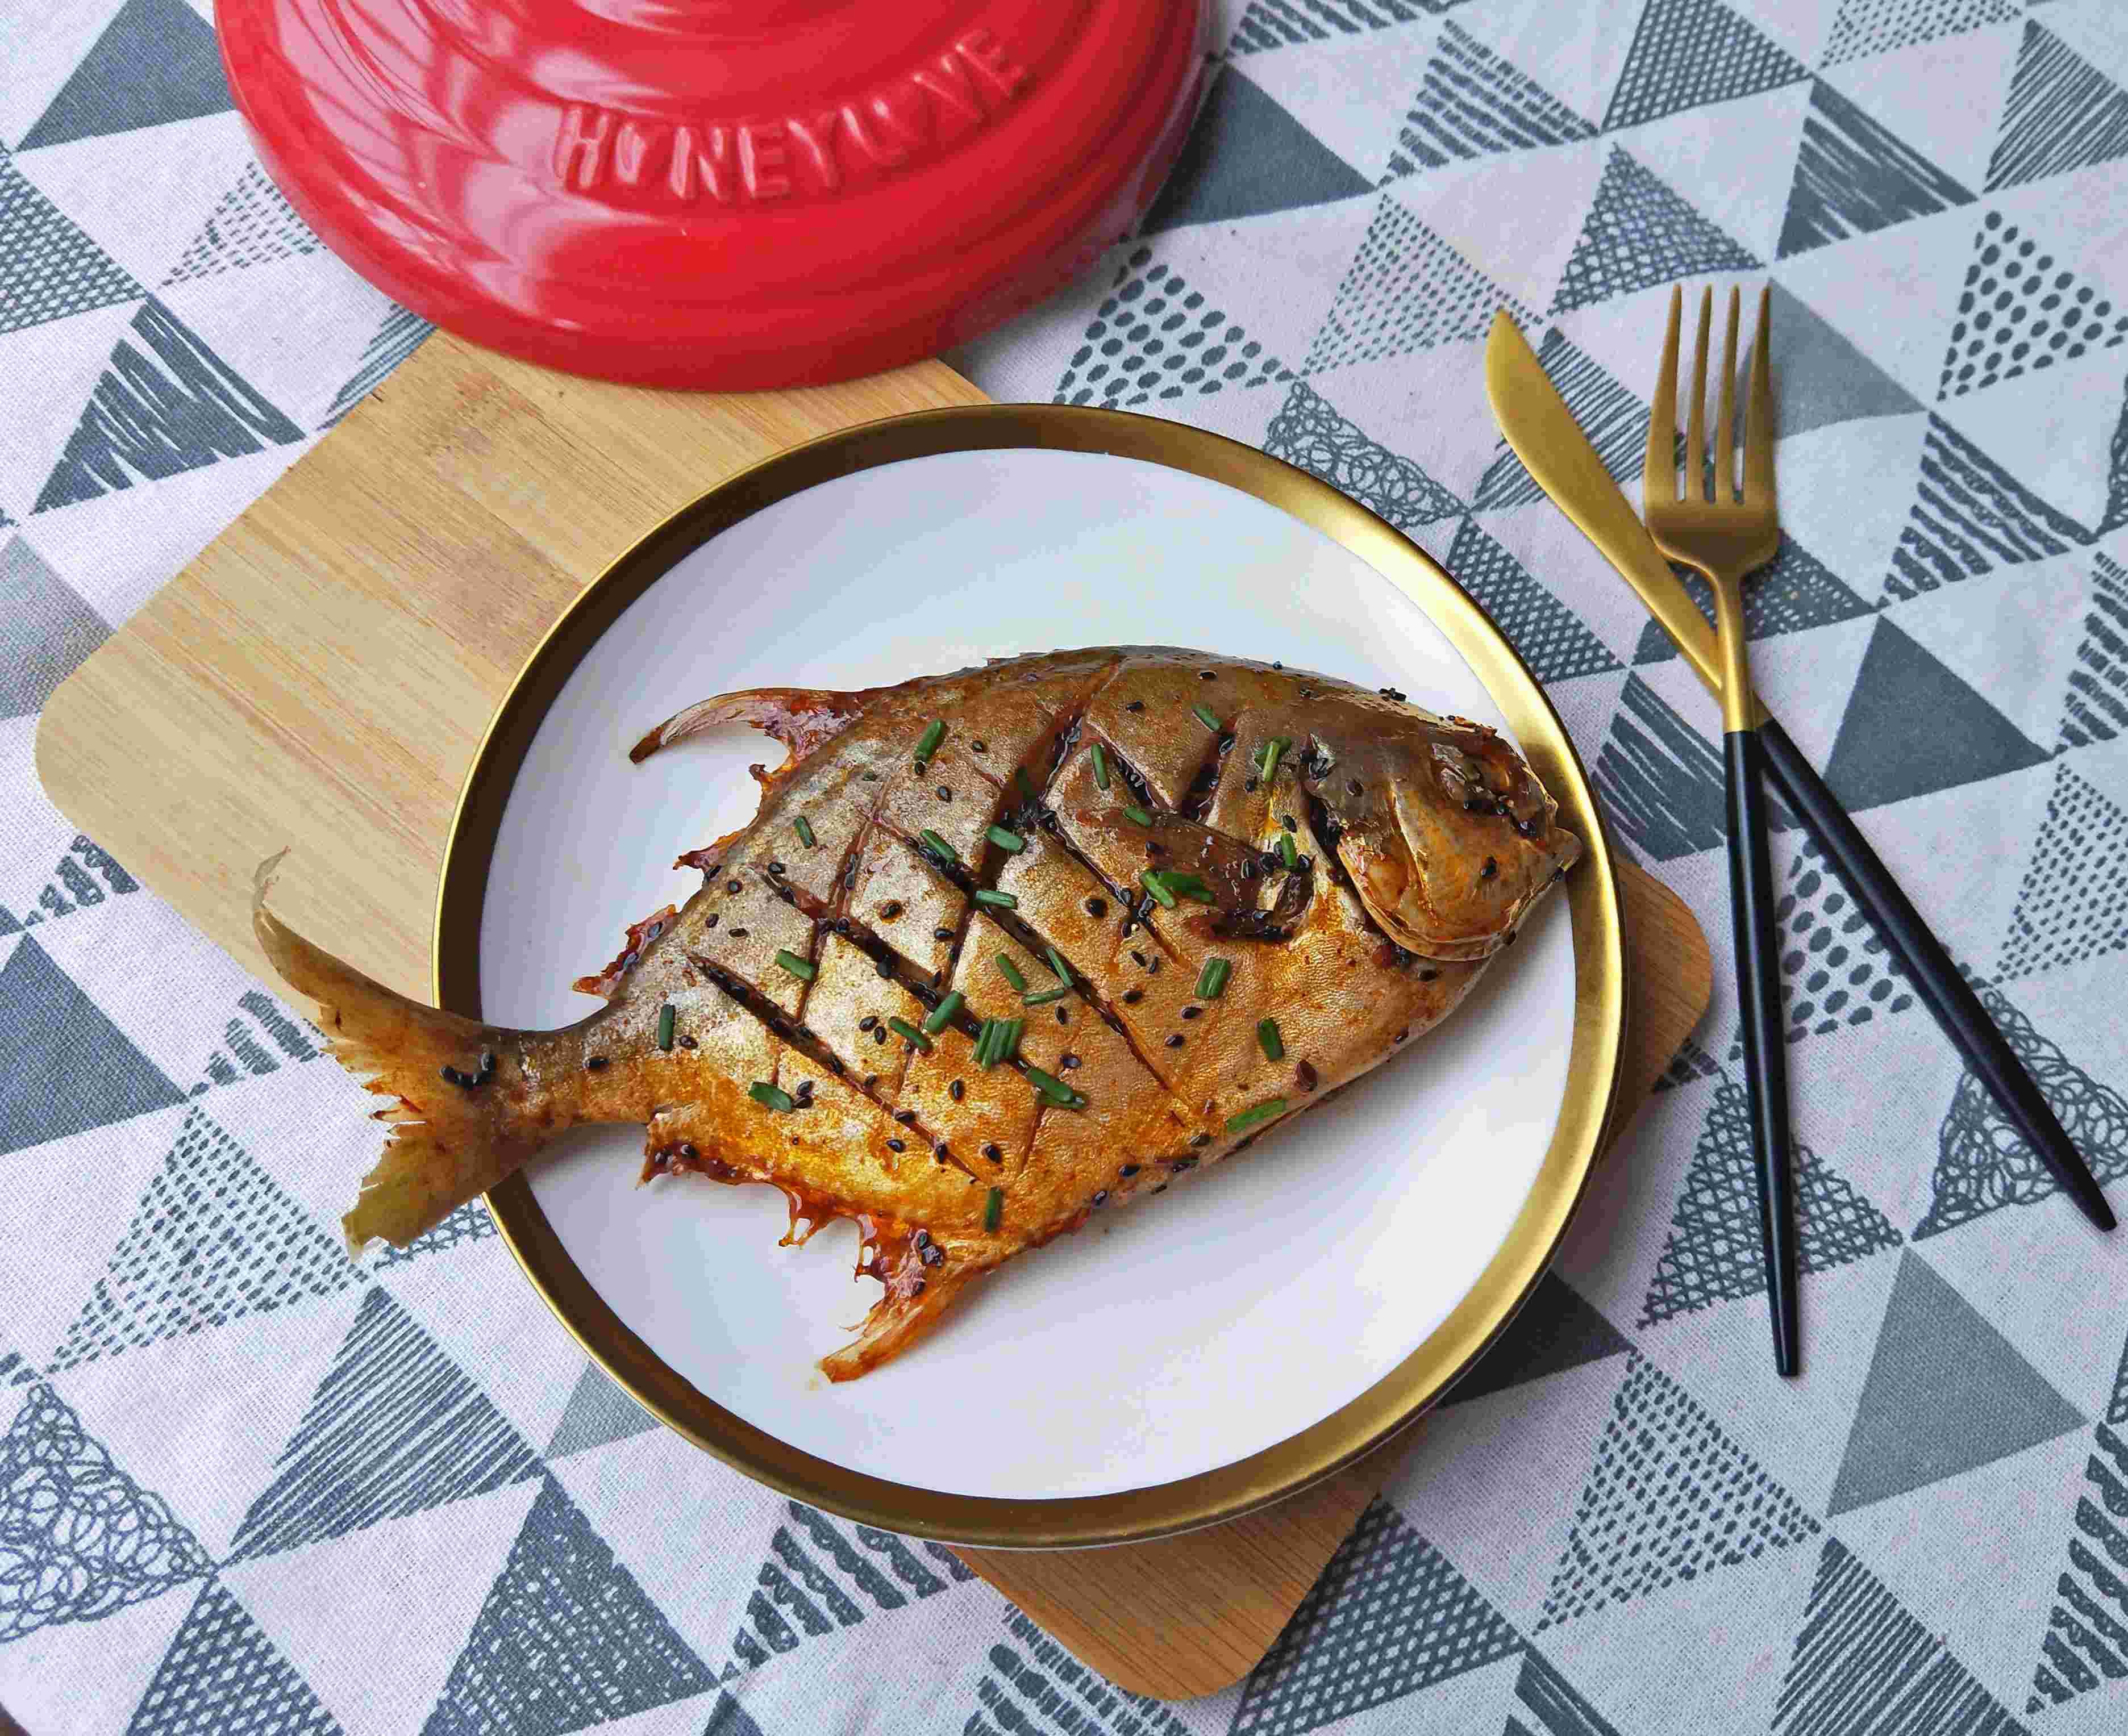 入夏,这鱼要常吃,比骨头有营养,一斤17块钱,孩子常吃长患上高